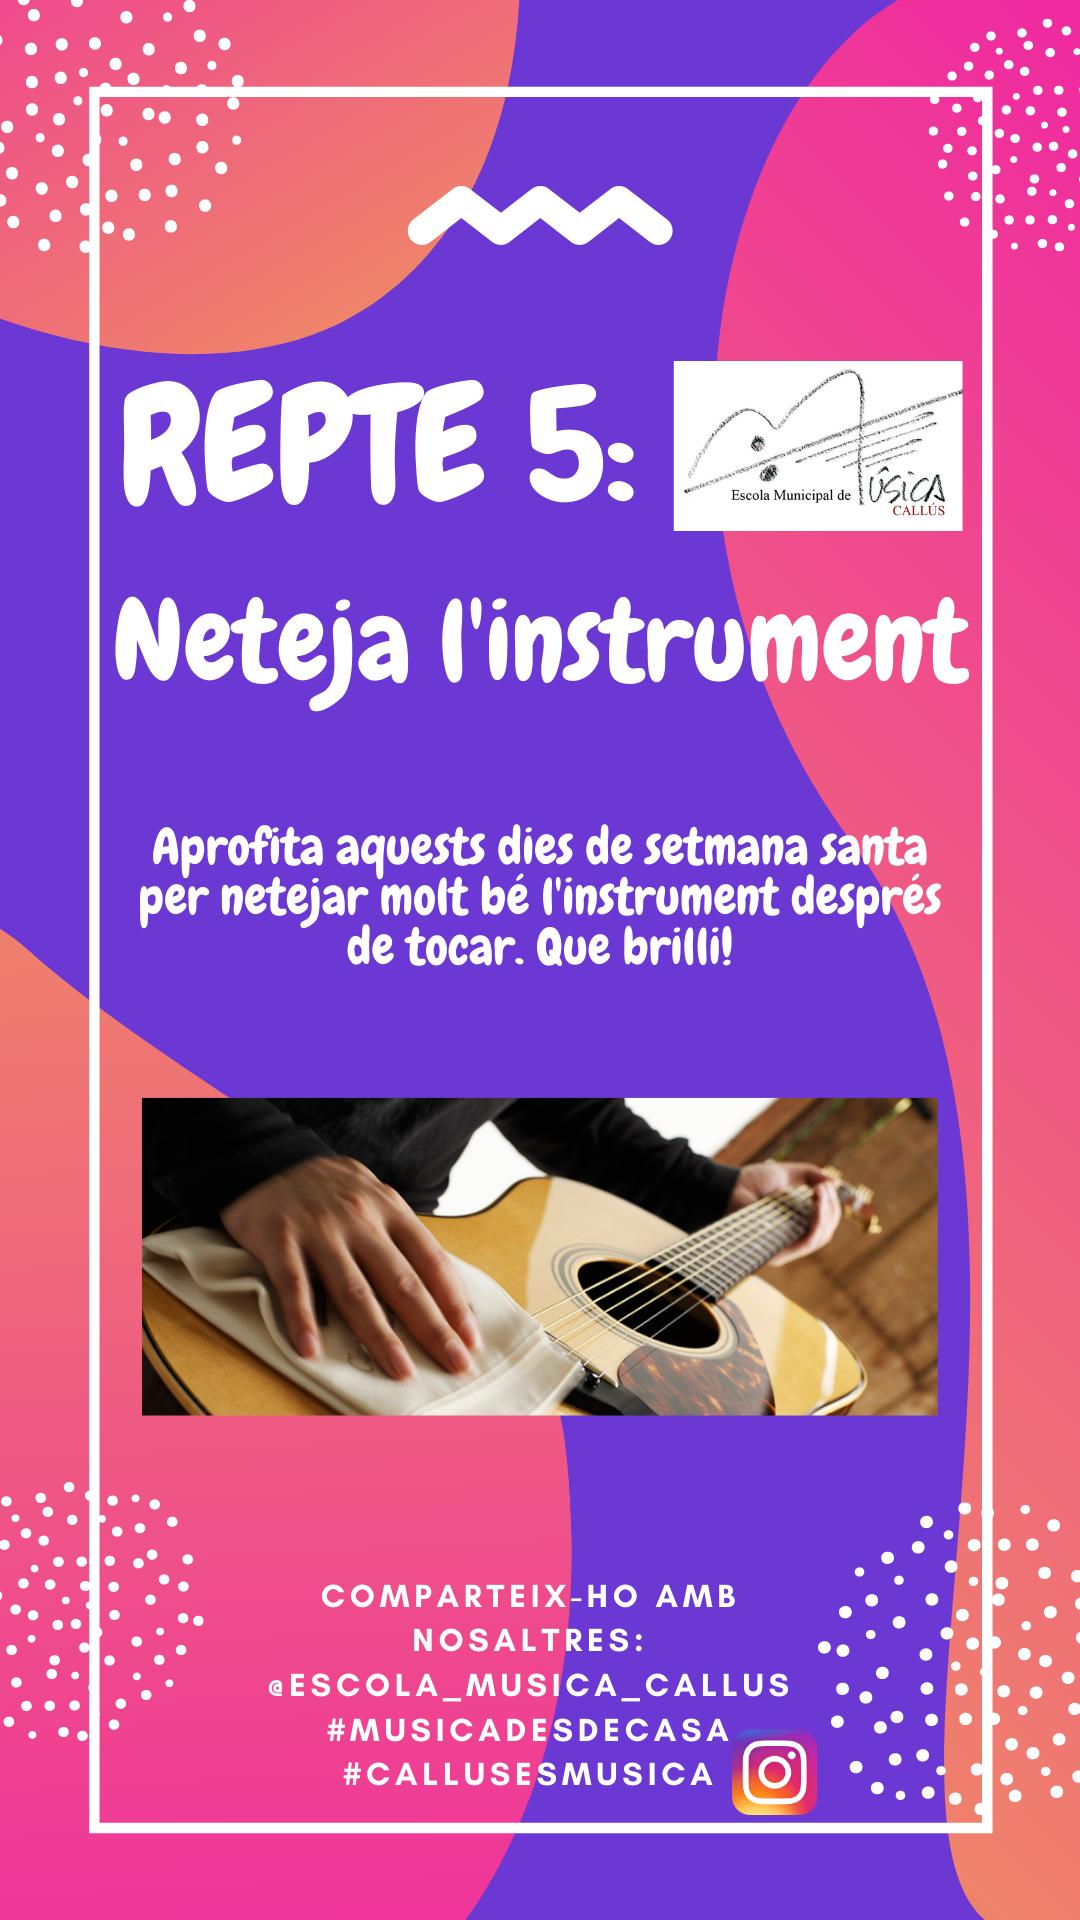 repte5